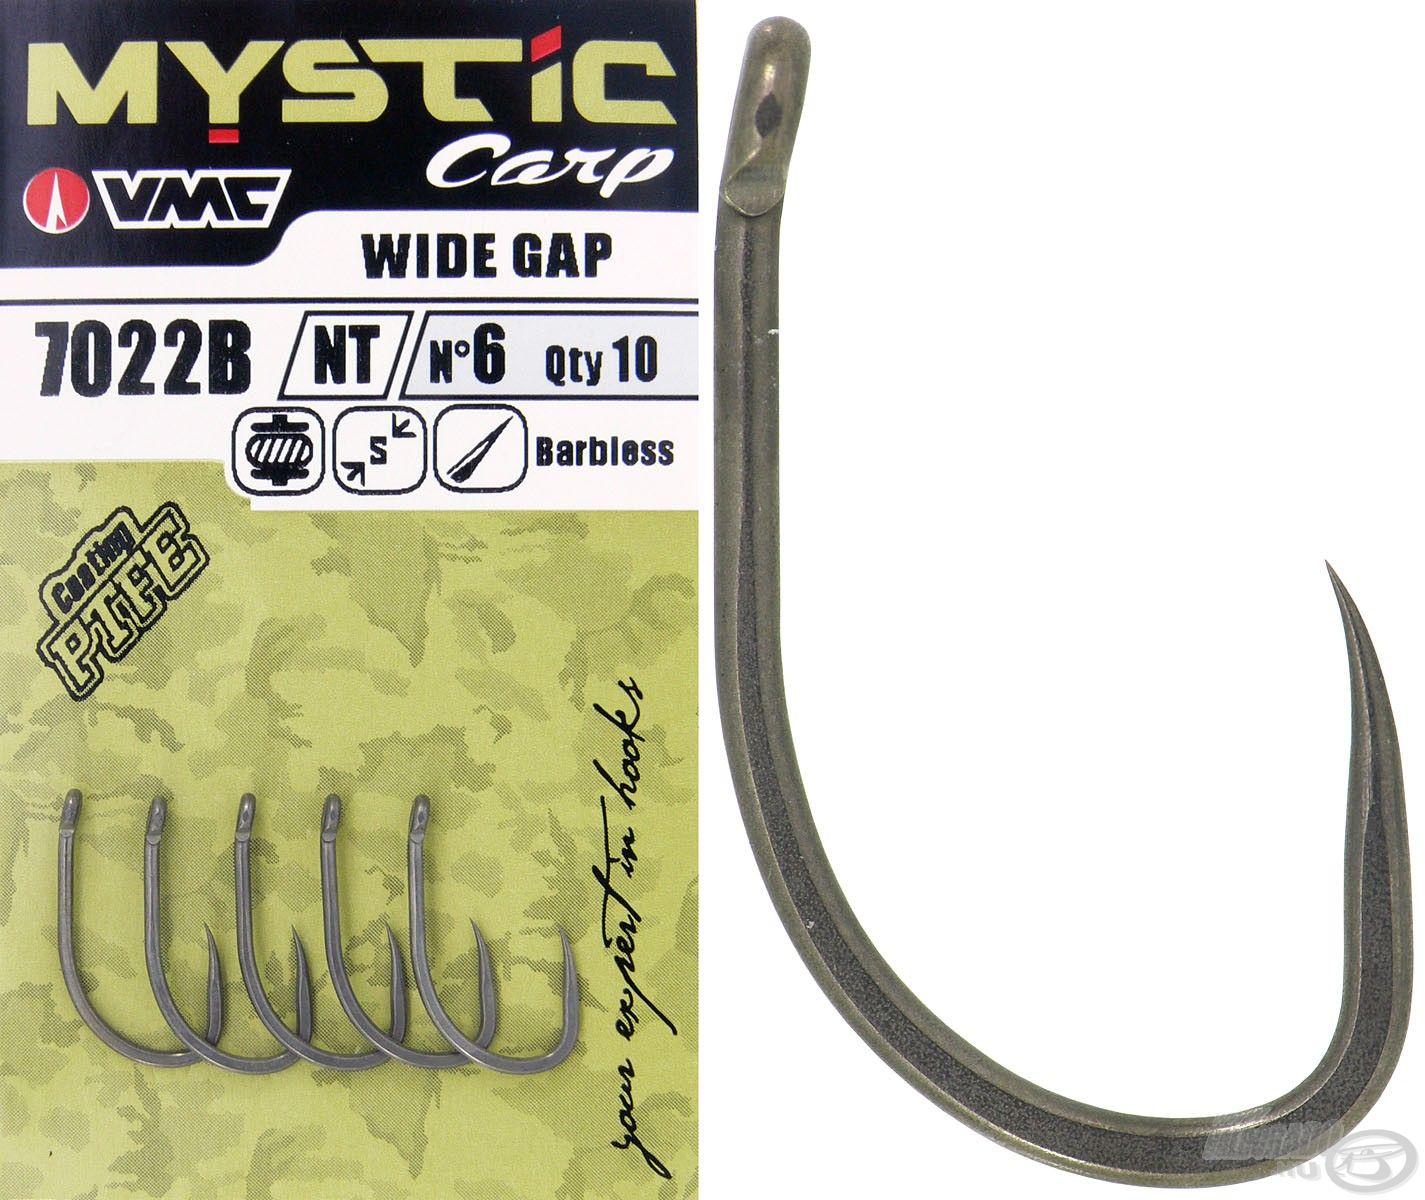 A Wide Gap szakáll nélküli verzióban is elérhető, mely a legkevésbé roncsolja a halak száját